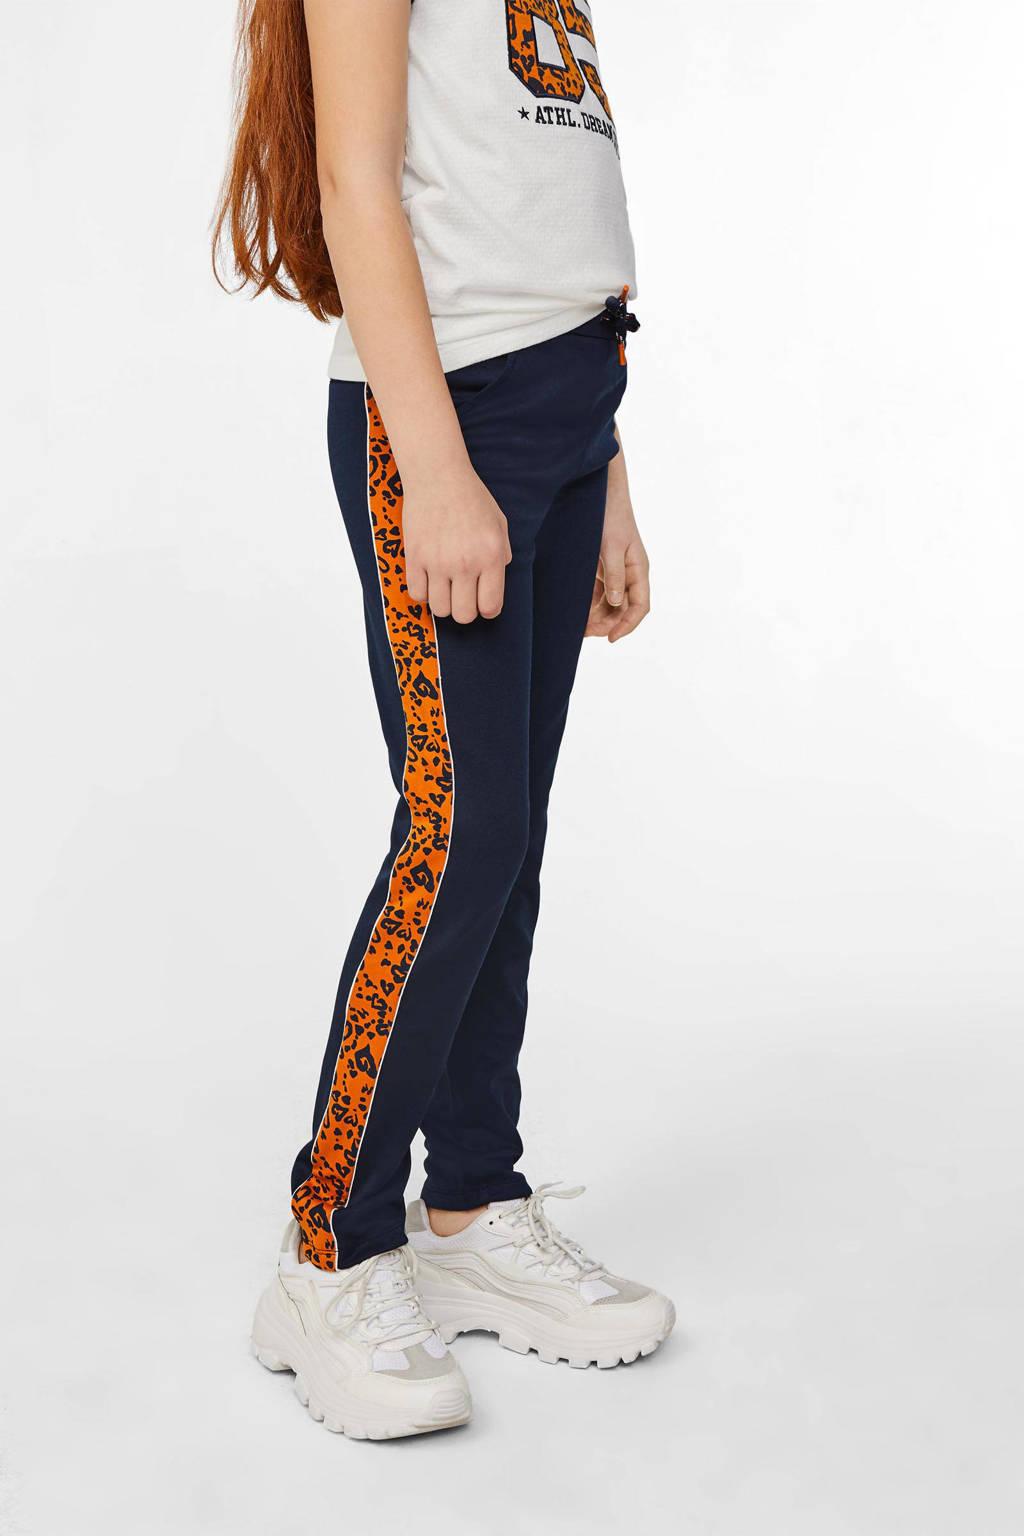 WE Fashion broek met zijstreep donkerblauw/oranje/zilver, Donkerblauw/oranje/zilver